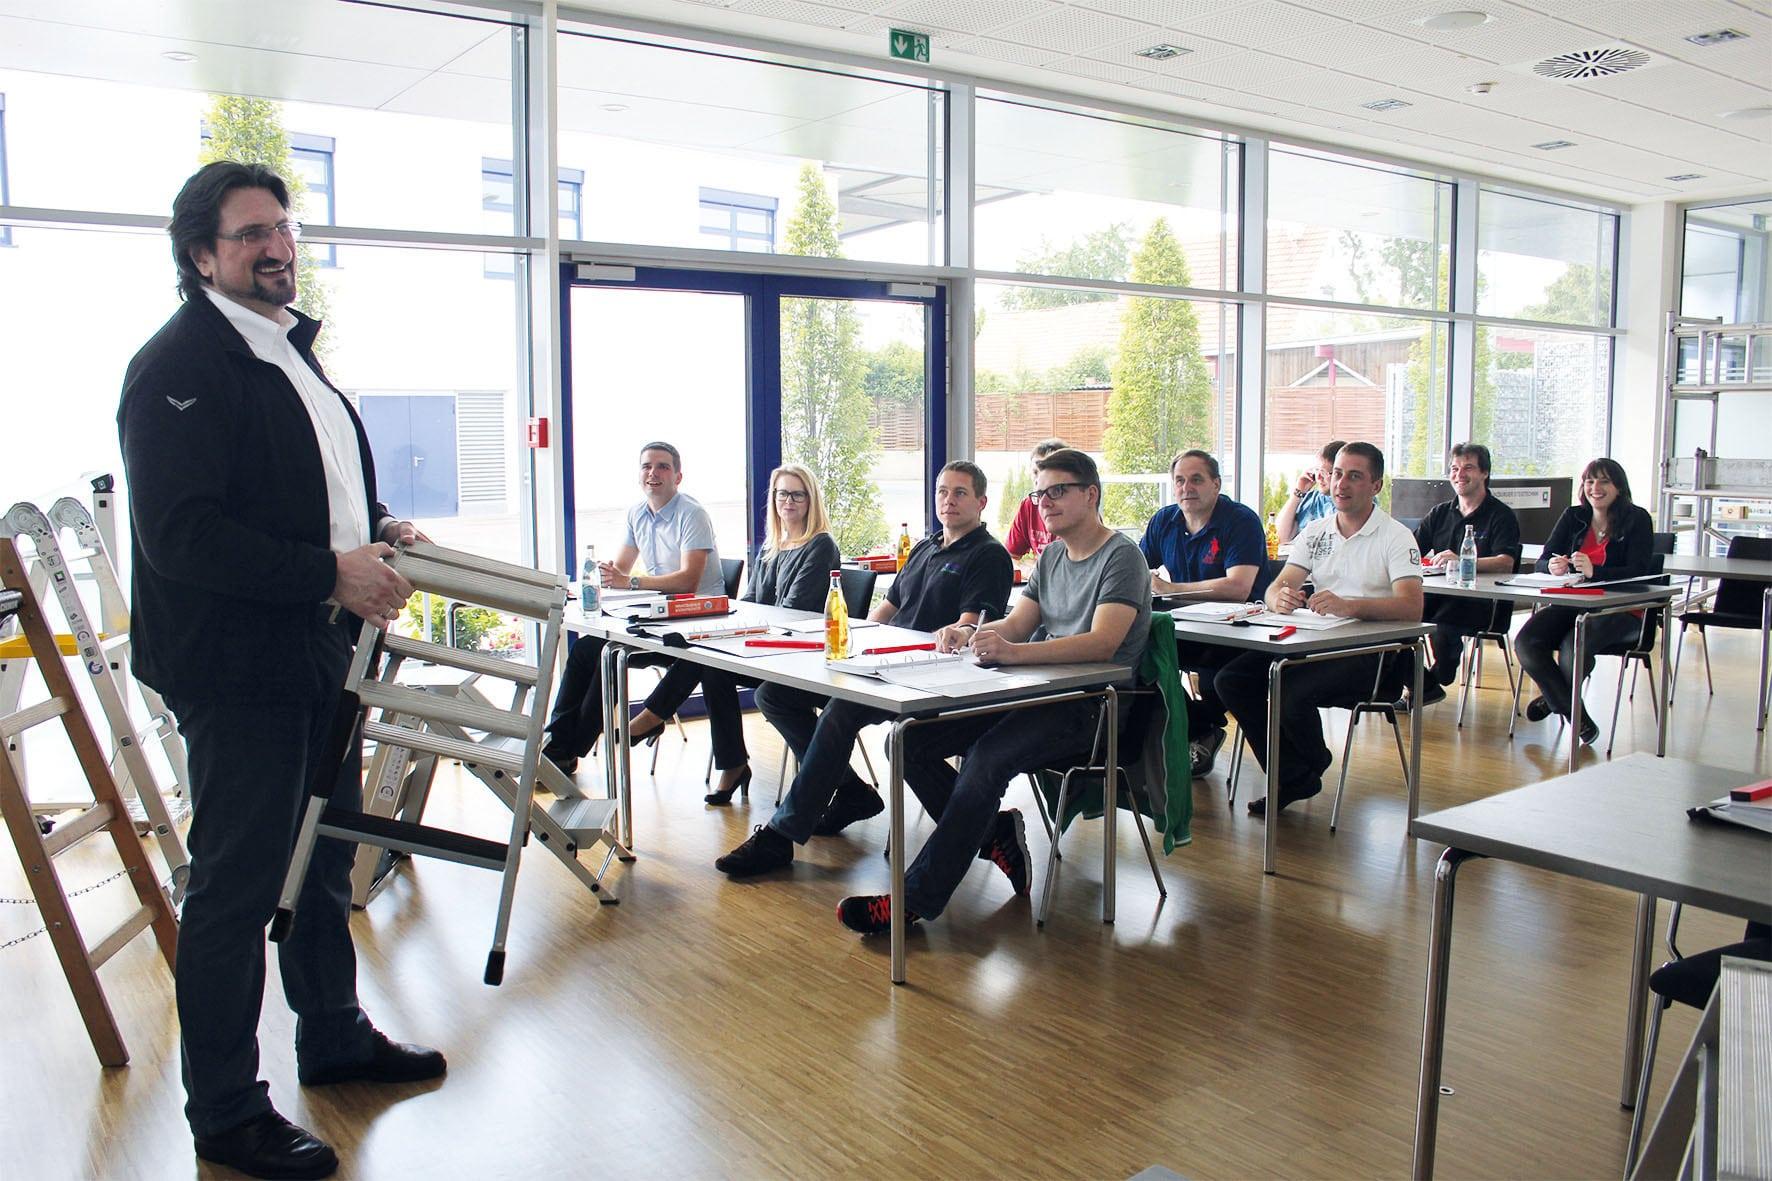 """Ab März wieder """"Fit für Steigtechnik""""  – Günzburger Steigtechnik bildet """"zur Prüfung befähigte Personen"""" aus"""